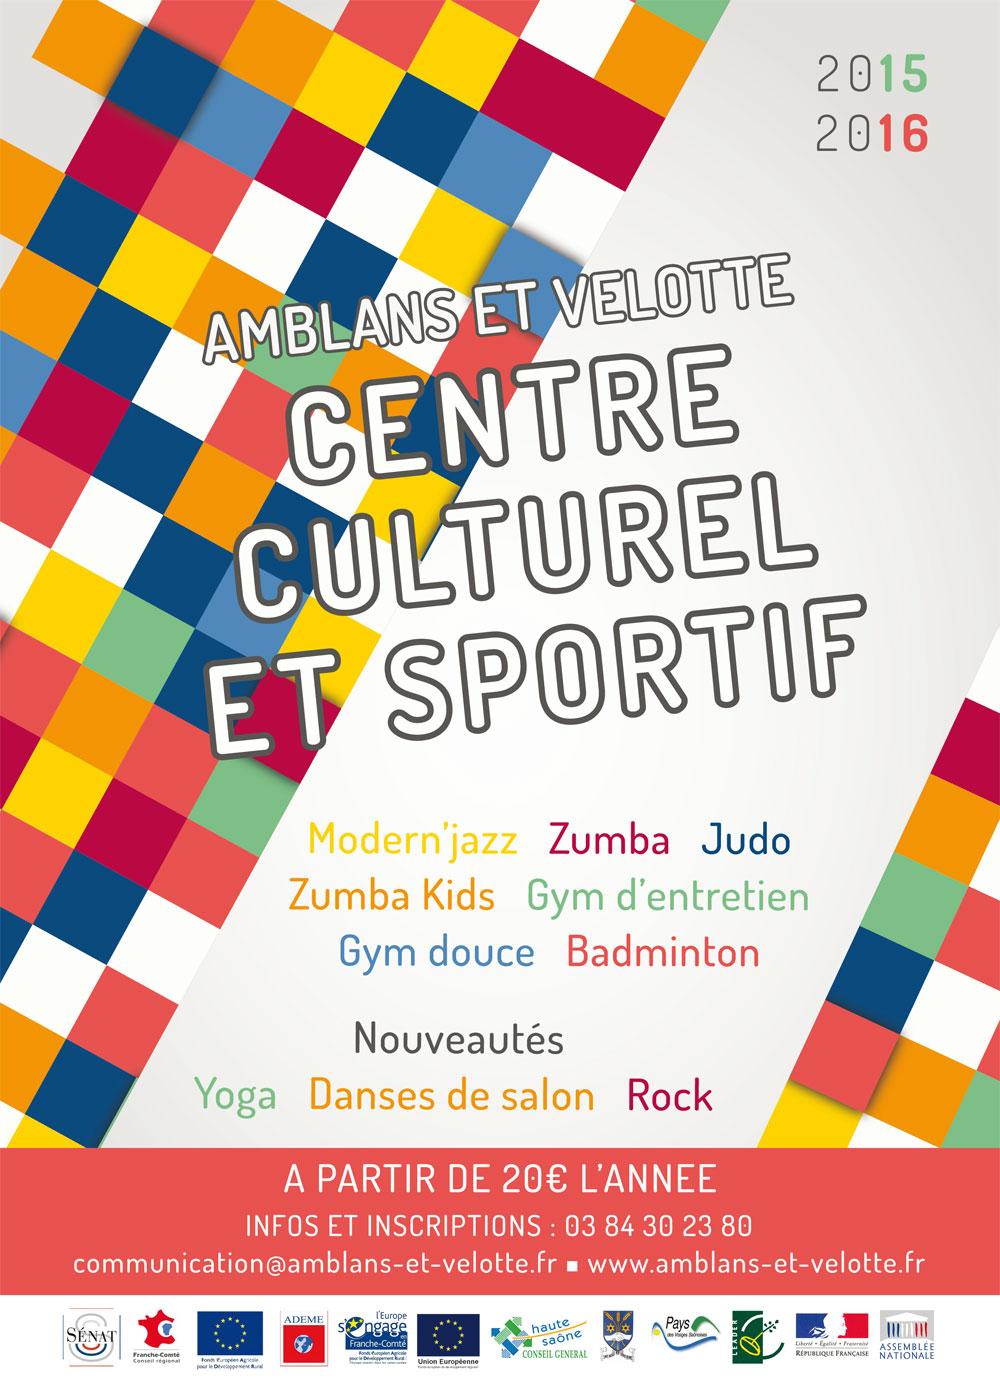 Saison du Centre culturel et sportif d'Amblans et Velotte